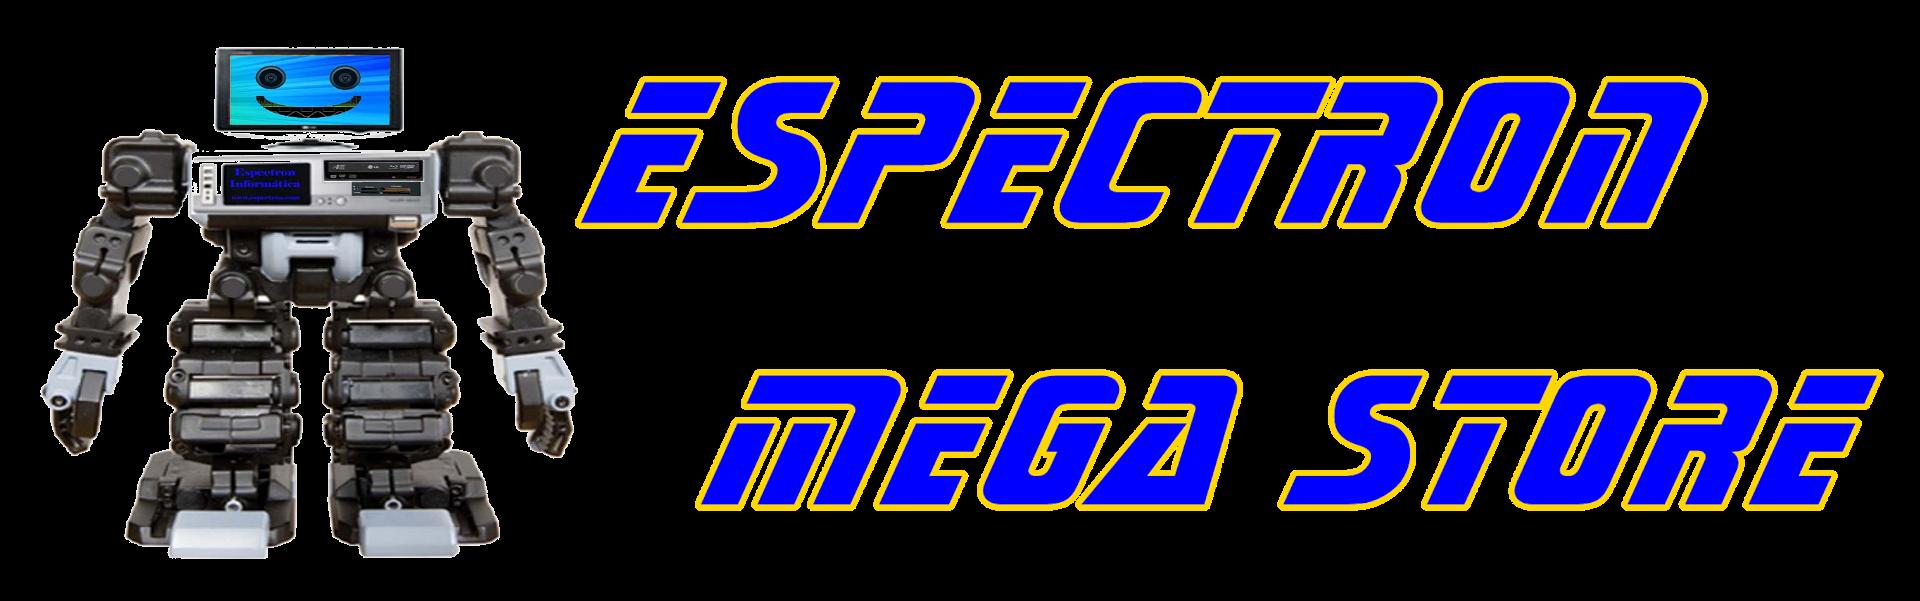 Espectron Mega Store